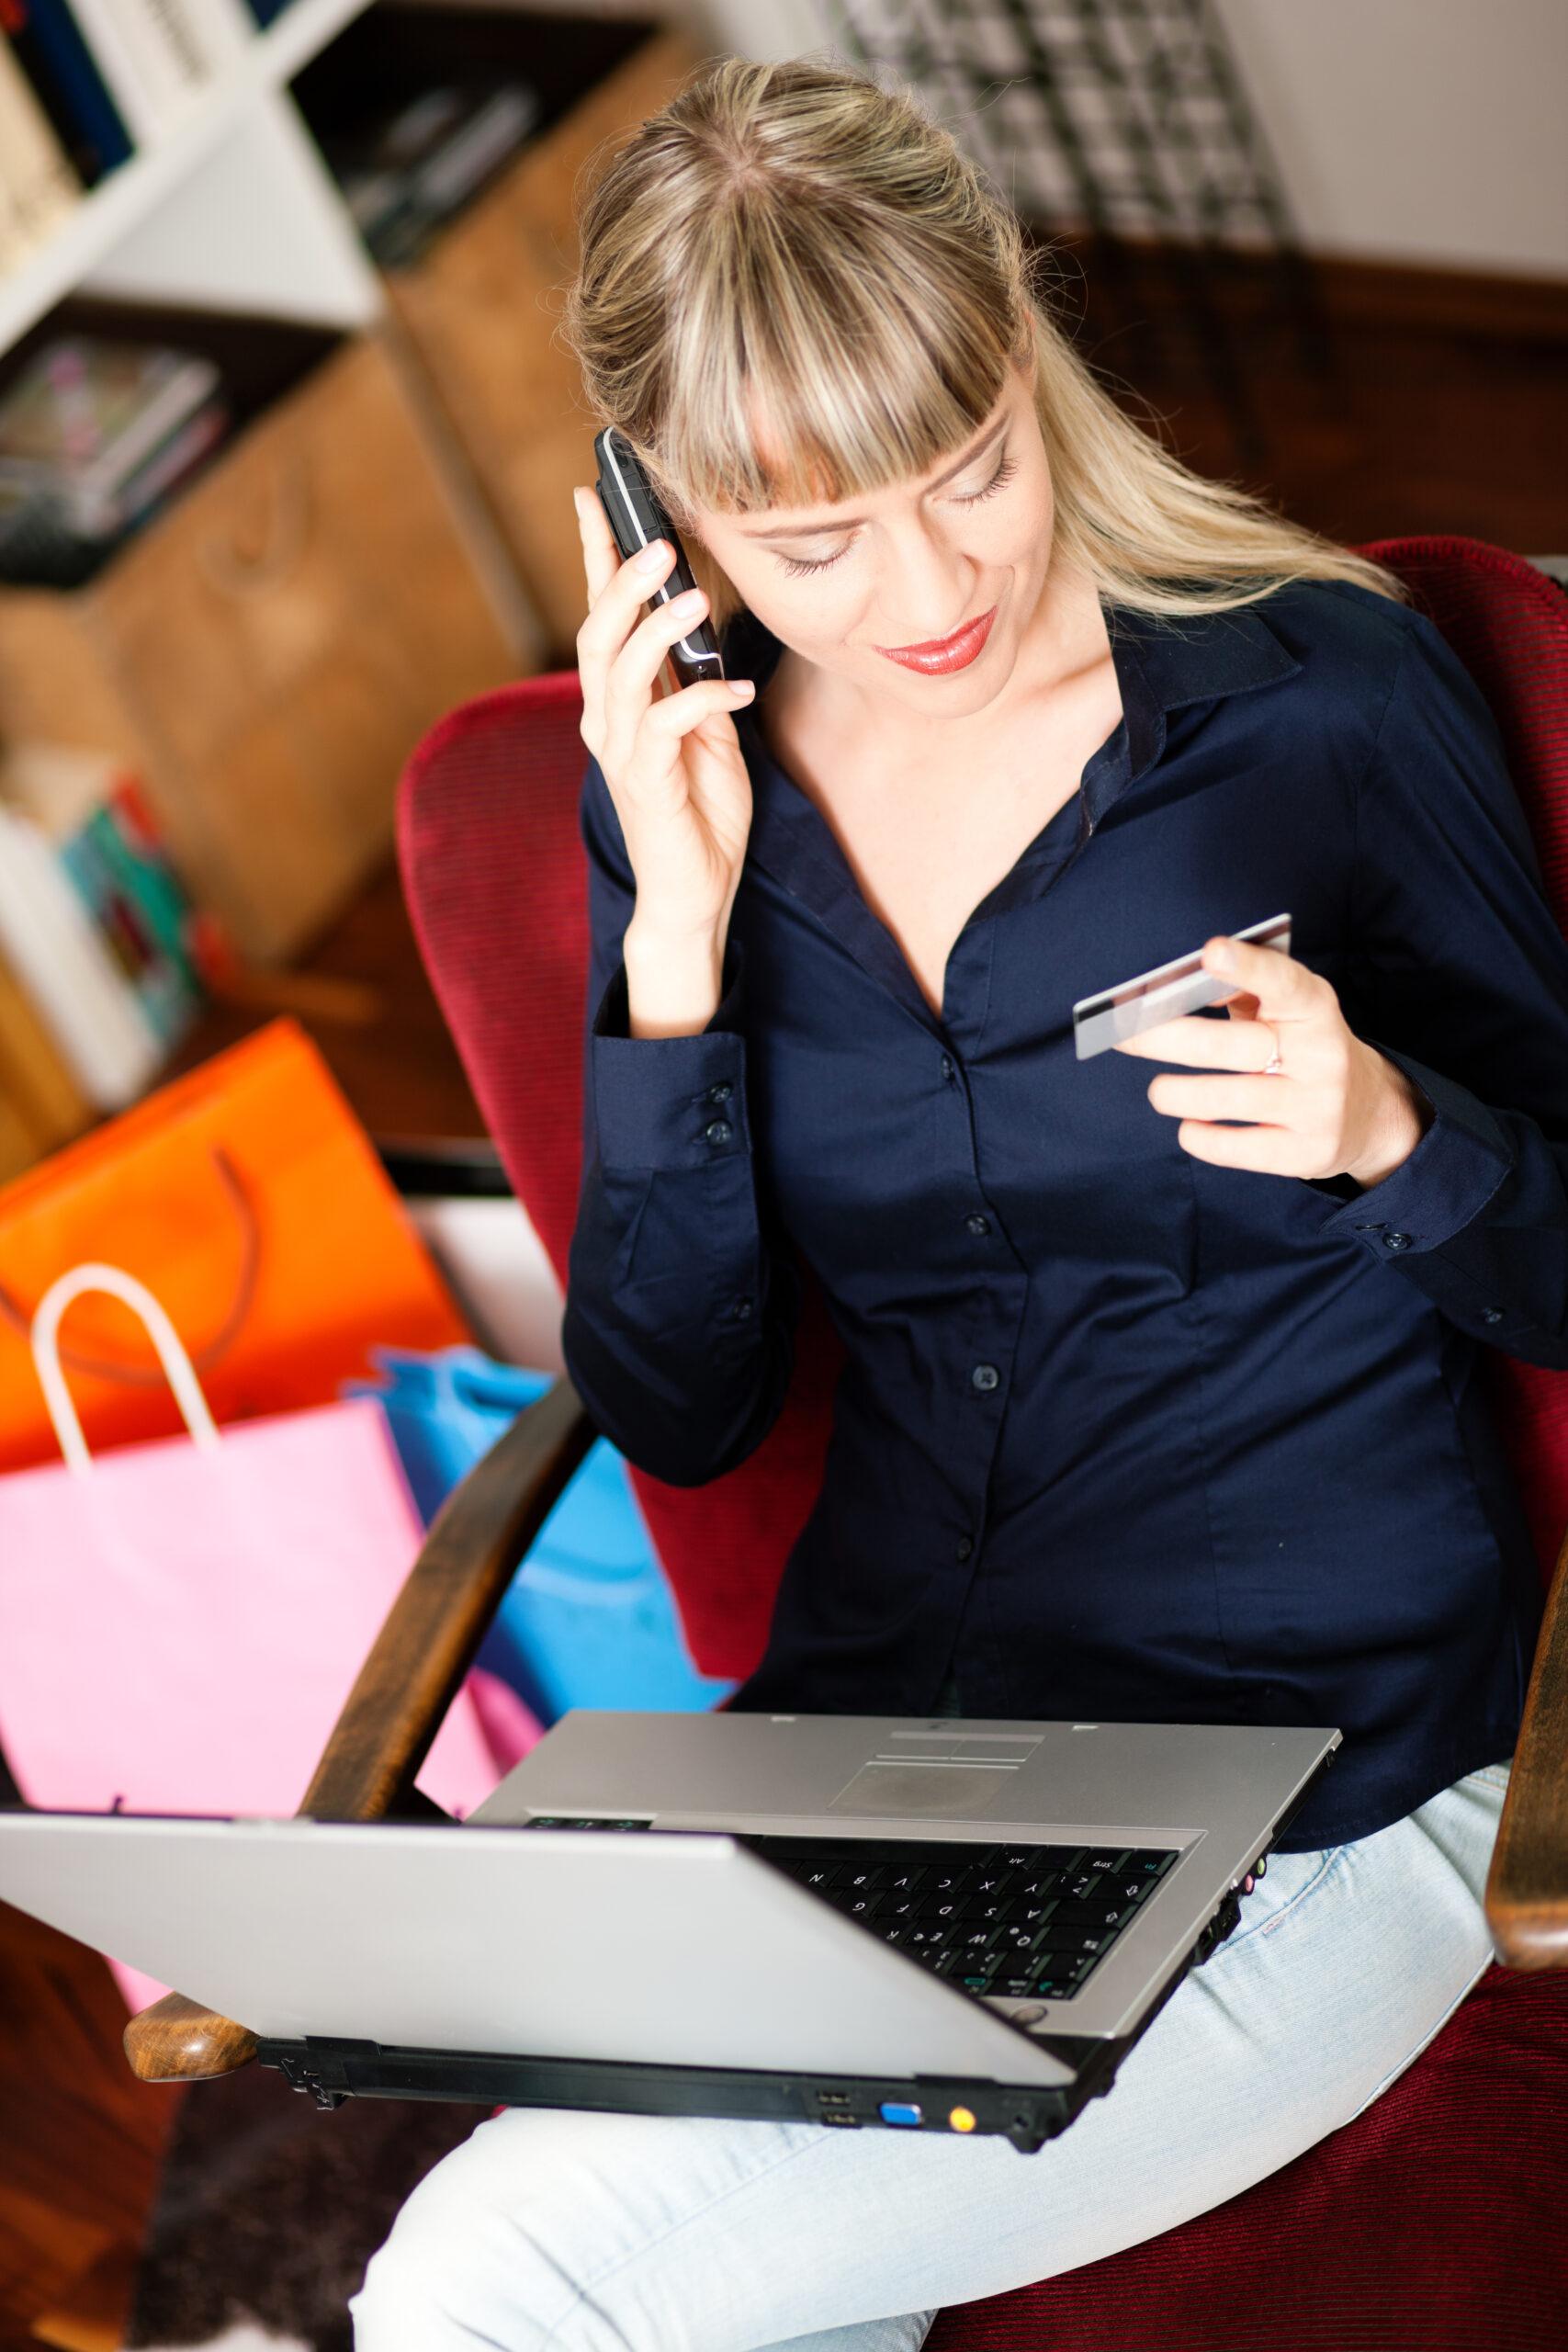 consumo   foto texto 2 julho scaled - E-commerce e as tendências de consumo pós quarentena